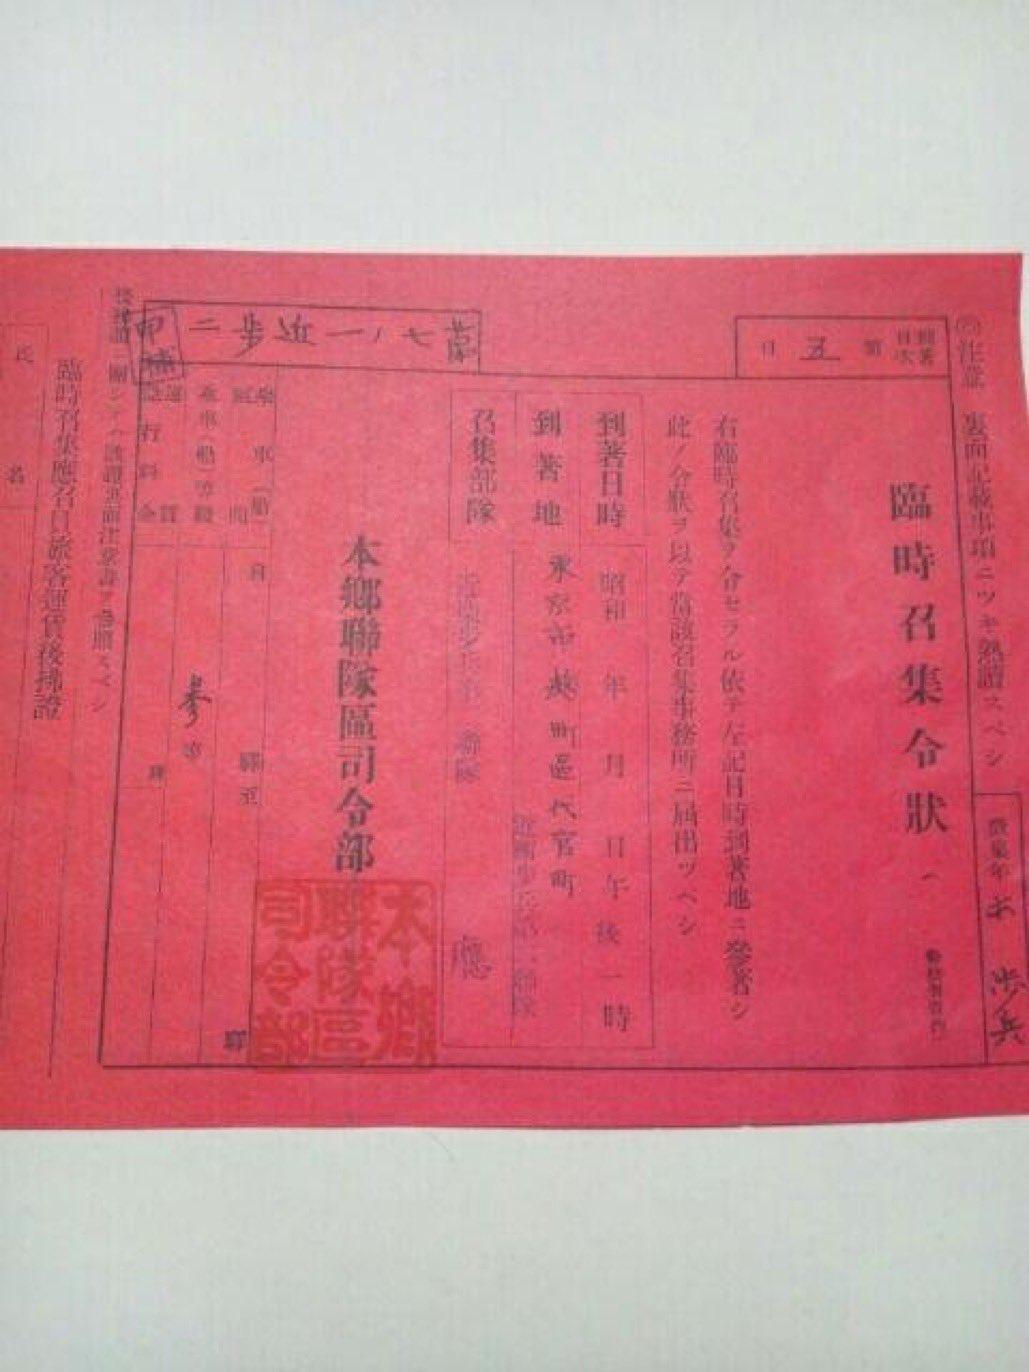 戦争中に発行された赤紙です。戦争がたけなわになると、染料が不足しピンク色になりました。この赤紙で幾らでも人を集めることが出来ました。どんな事があっても戦争はあってはなりませぬ‼️戦争大反対。